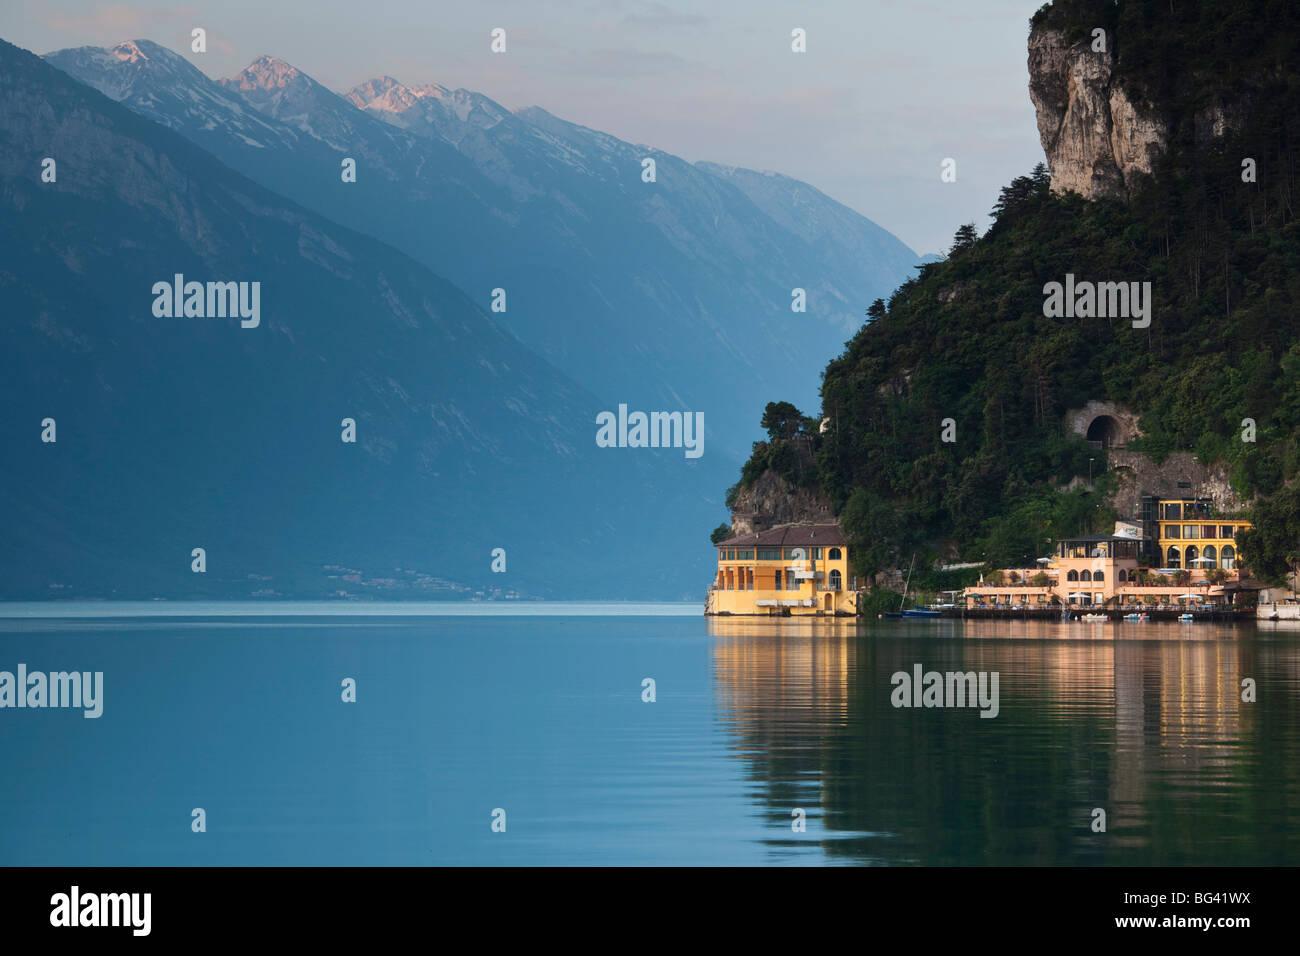 Italy, Trentino-Alto Adige, Lake District, Lake Garda, Riva del Garda, Excelsior Hotel at La Punta - Stock Image